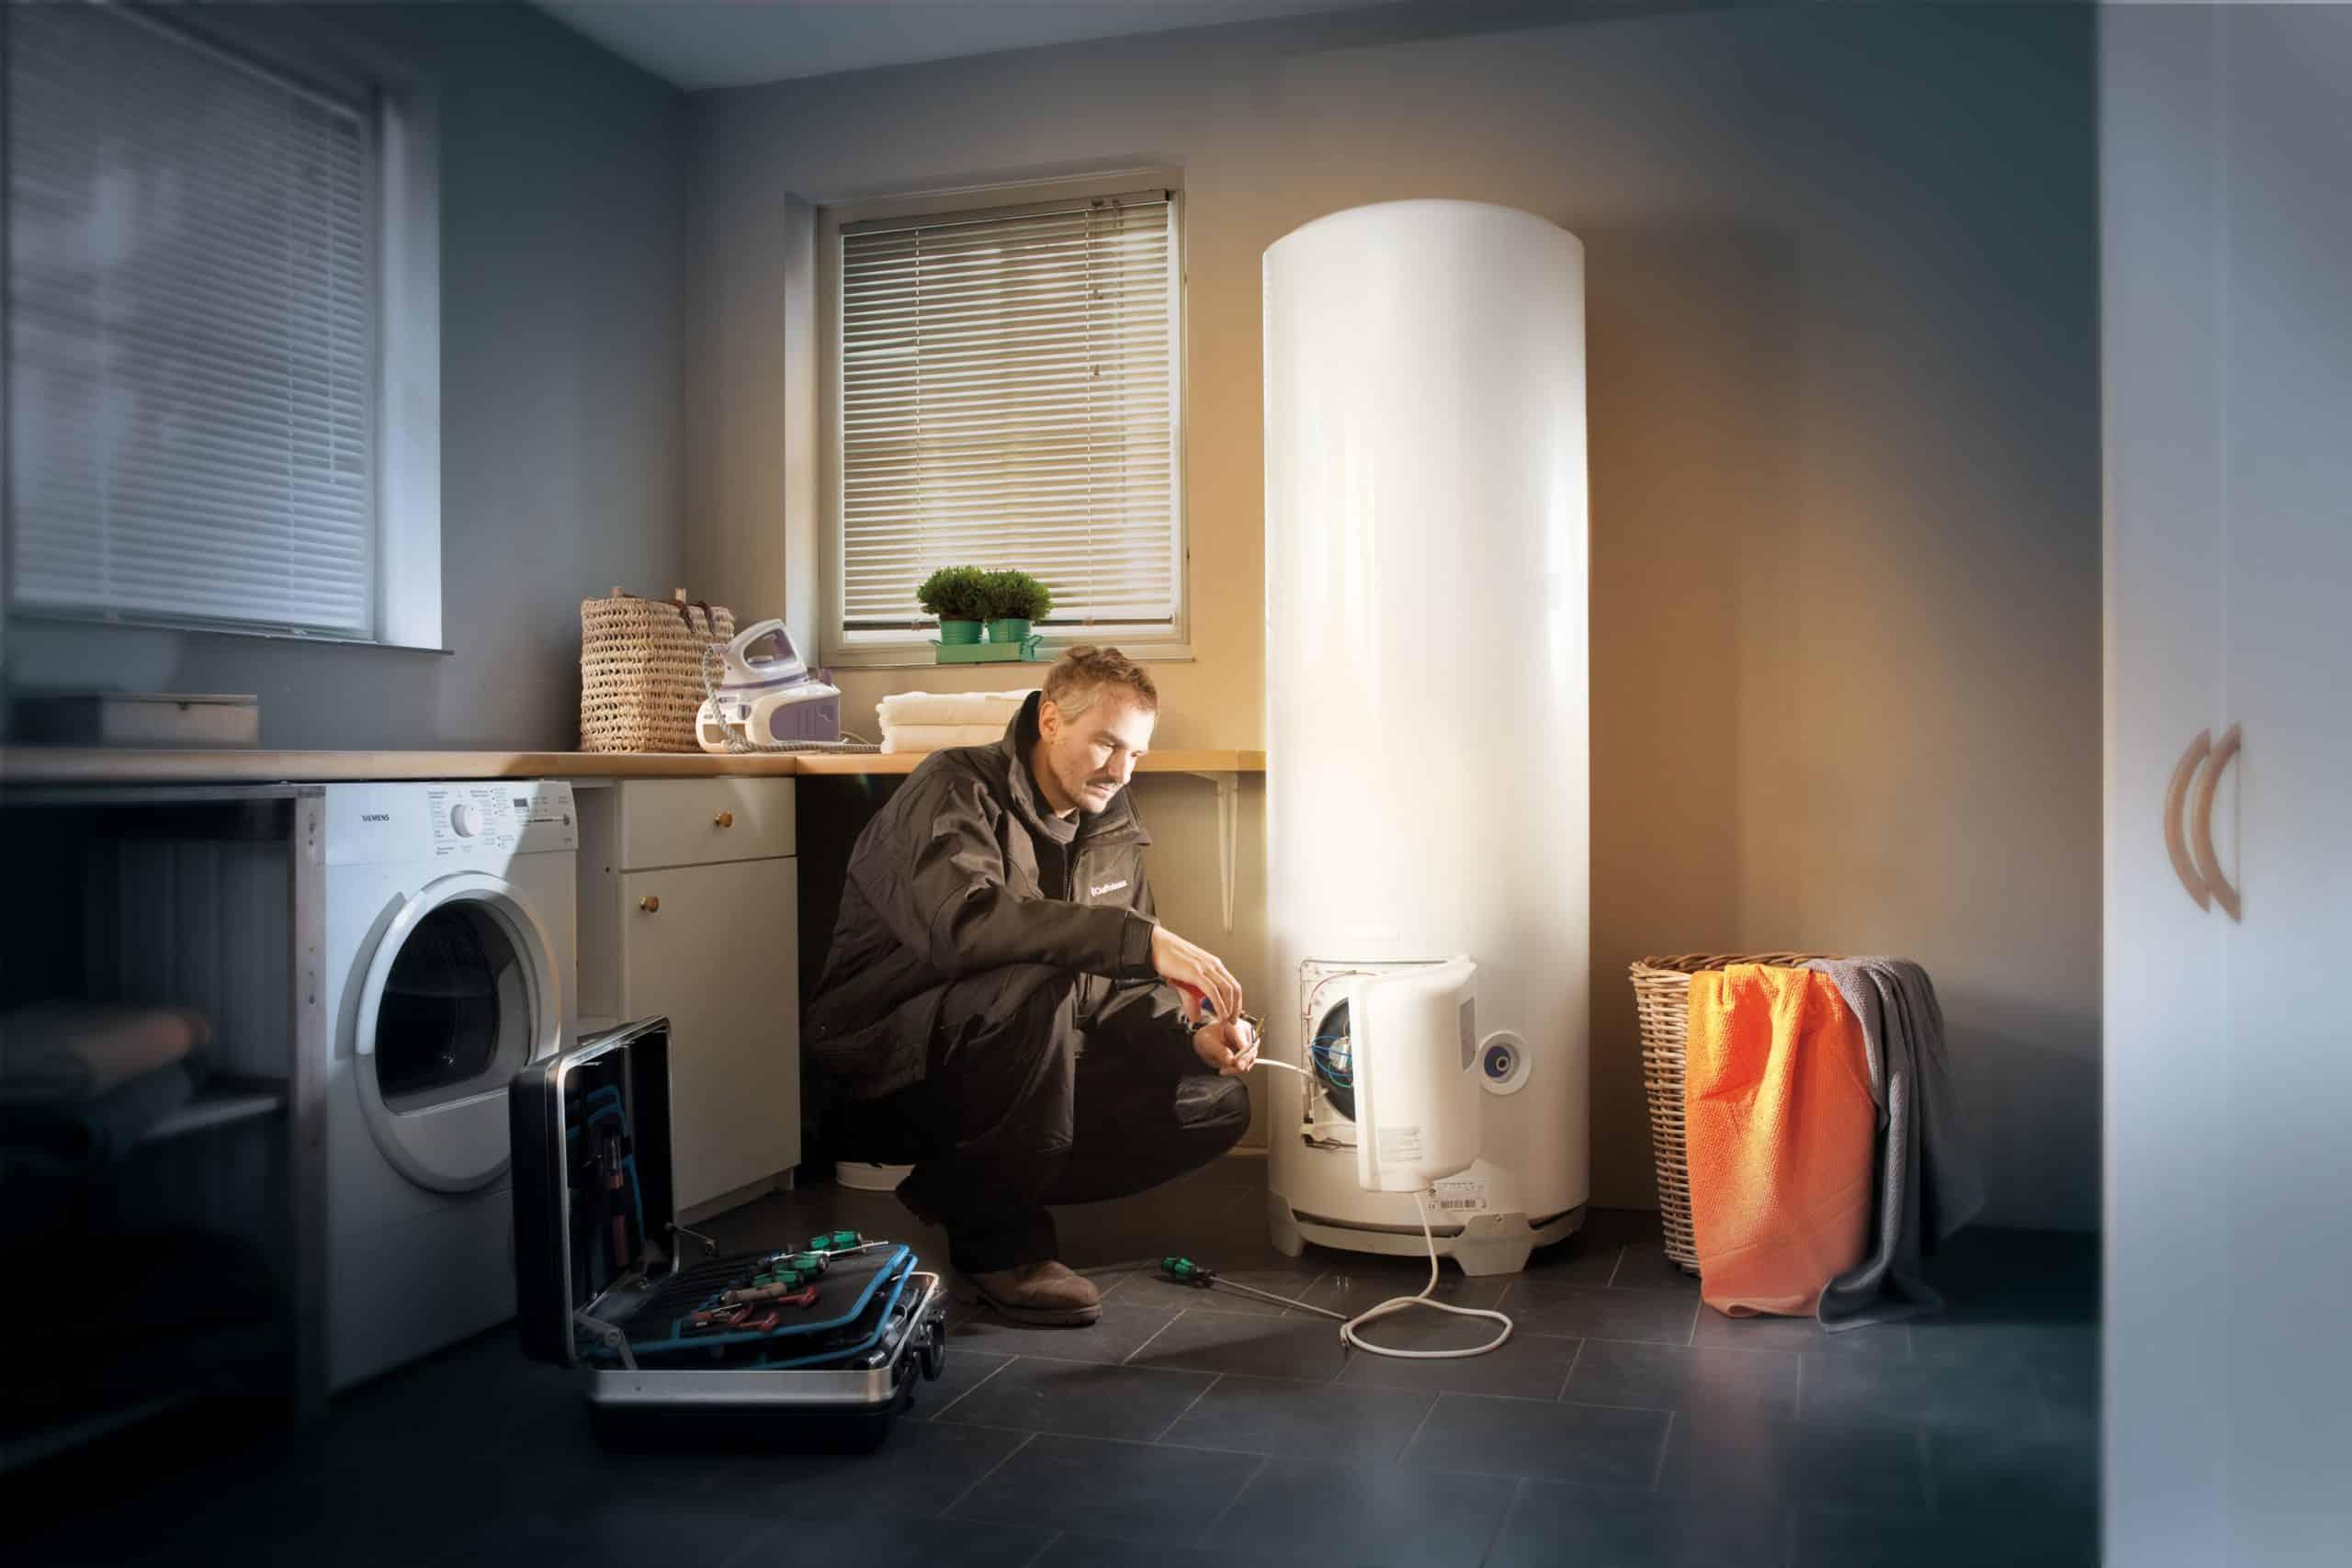 la vidange et le d tartrage du chauffe eau c mon web. Black Bedroom Furniture Sets. Home Design Ideas